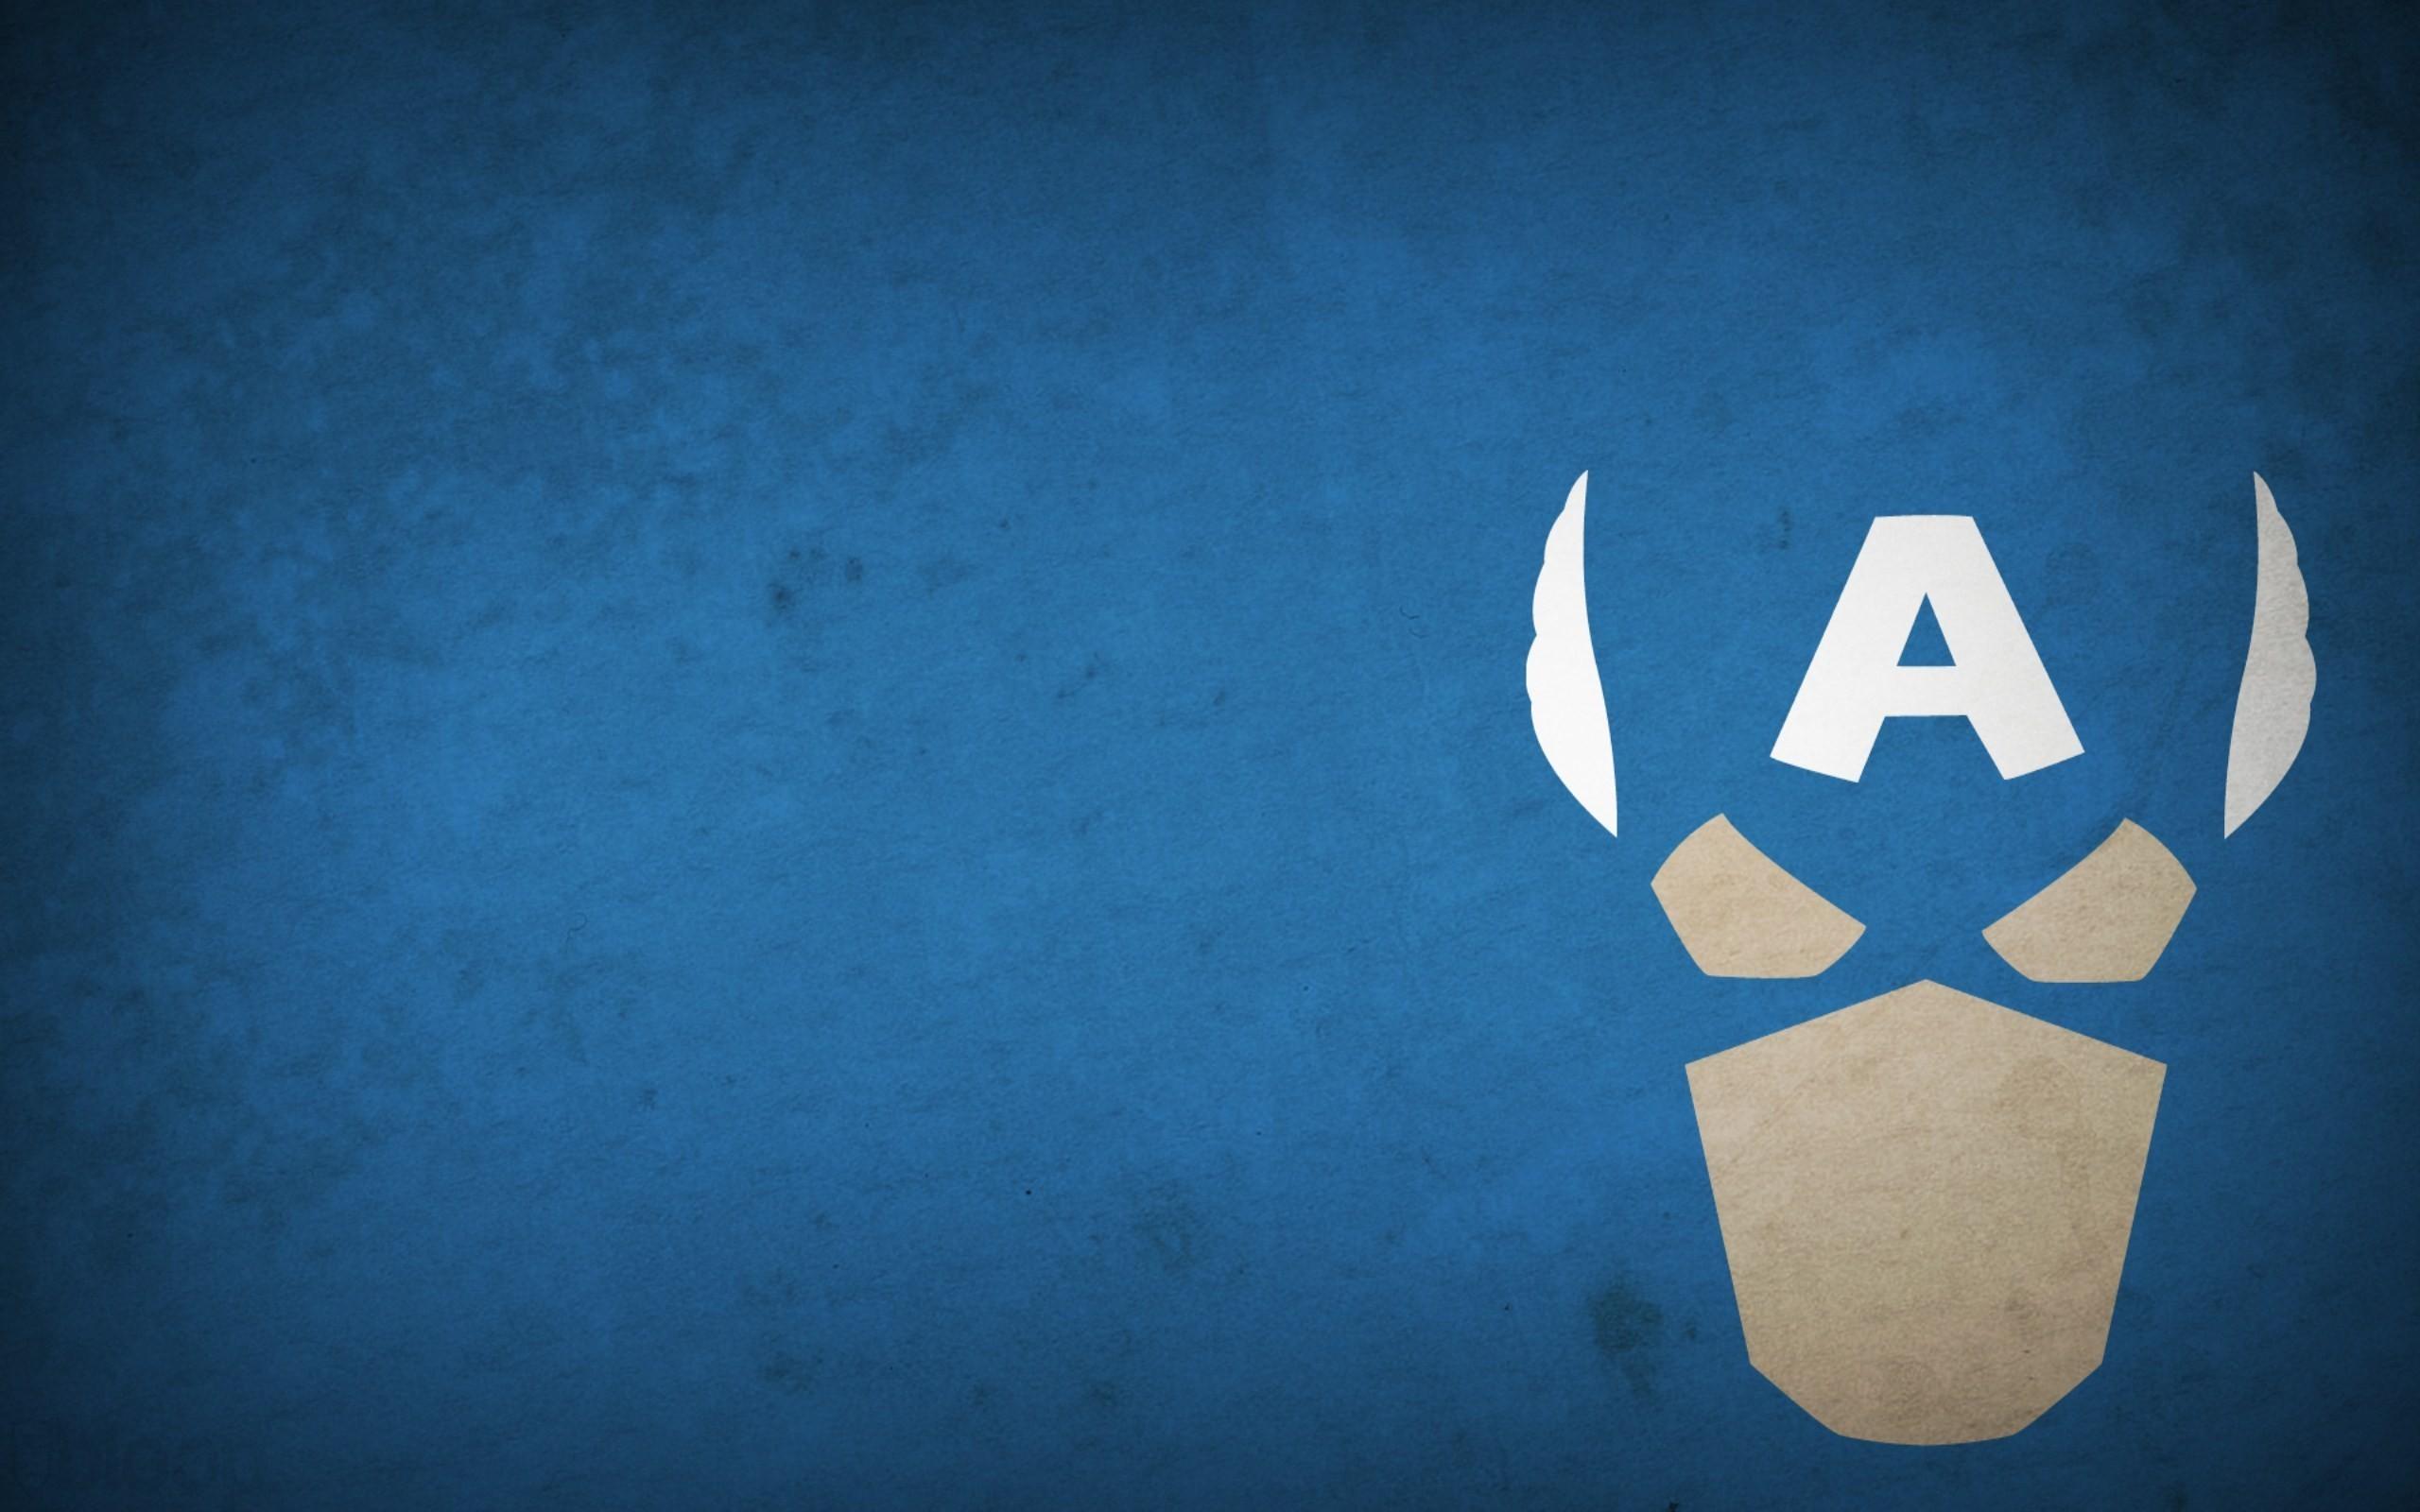 Captain america minimalist design minimalism picture 1920x1080 2560x1600